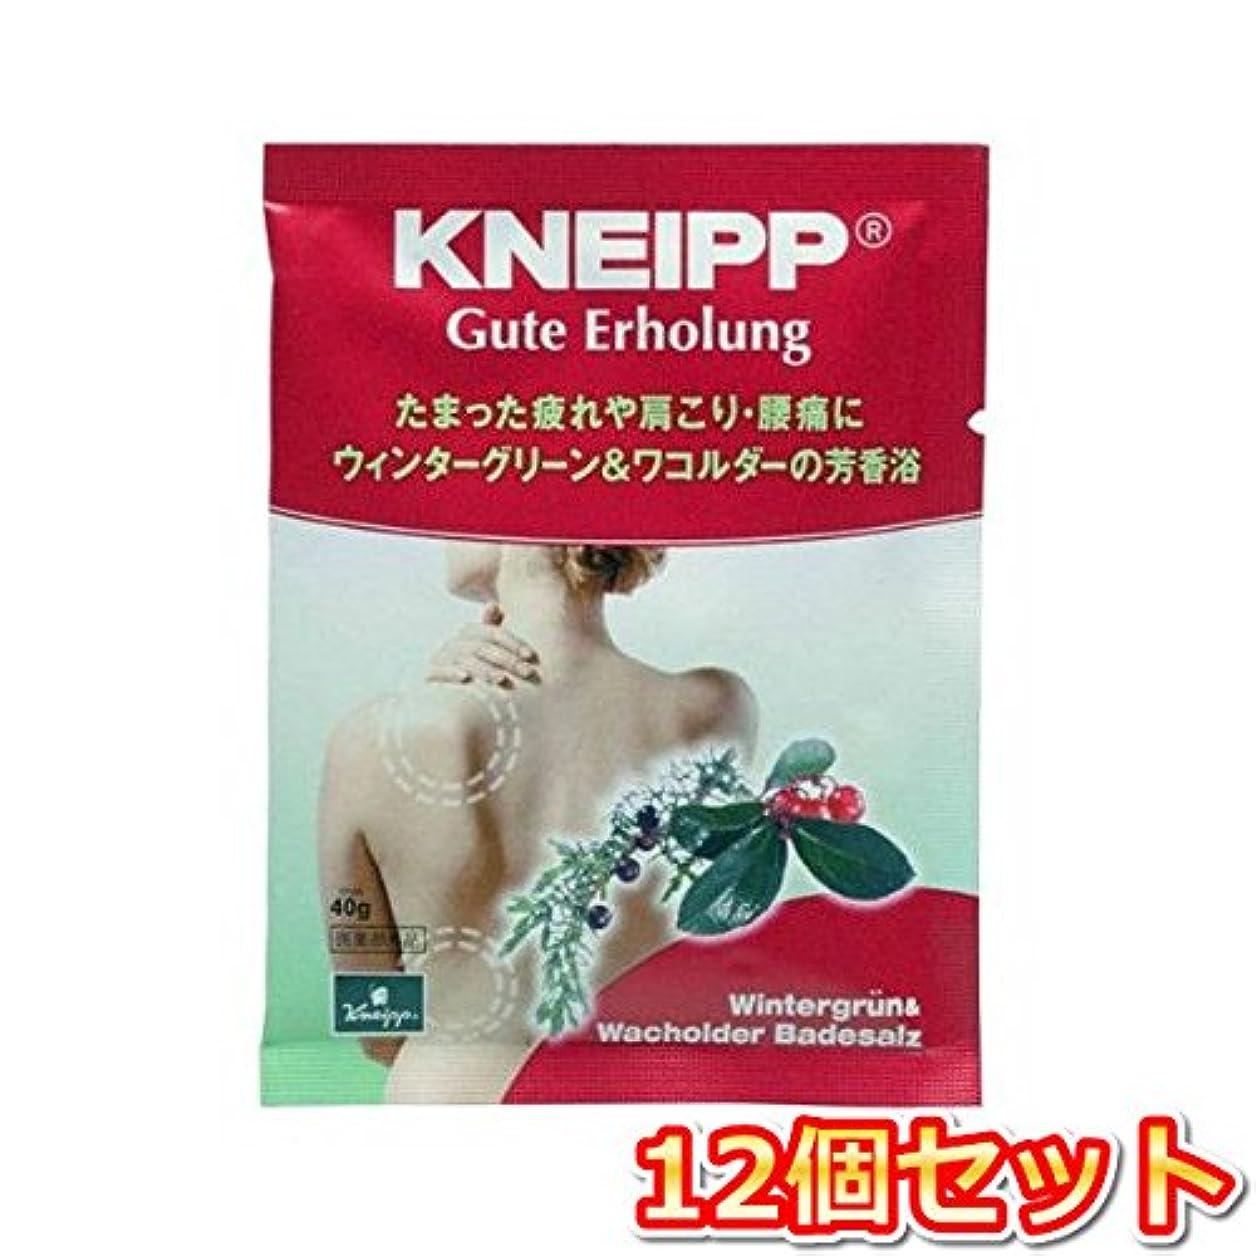 見る提供されたおかしいクナイプ?ジャパン クナイプグーテエアホールング ウィンターグリーン&ワコルダー 40g(医薬部外品) 12個セット